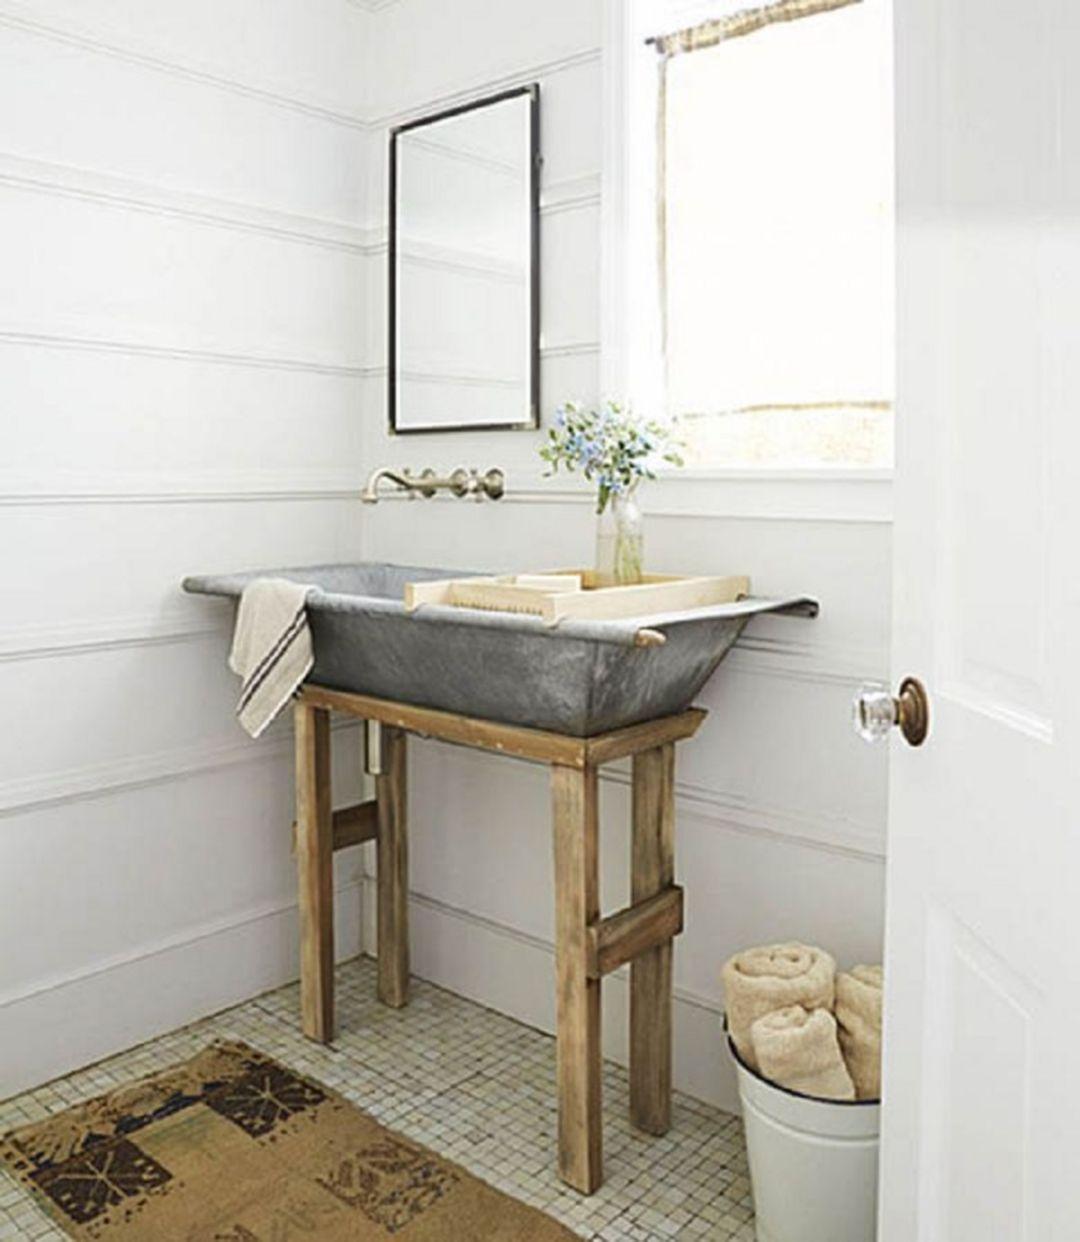 Bathroomsinks Bathroom Design Decor Bathroom Farmhouse Style Bathroom Vanity Decor